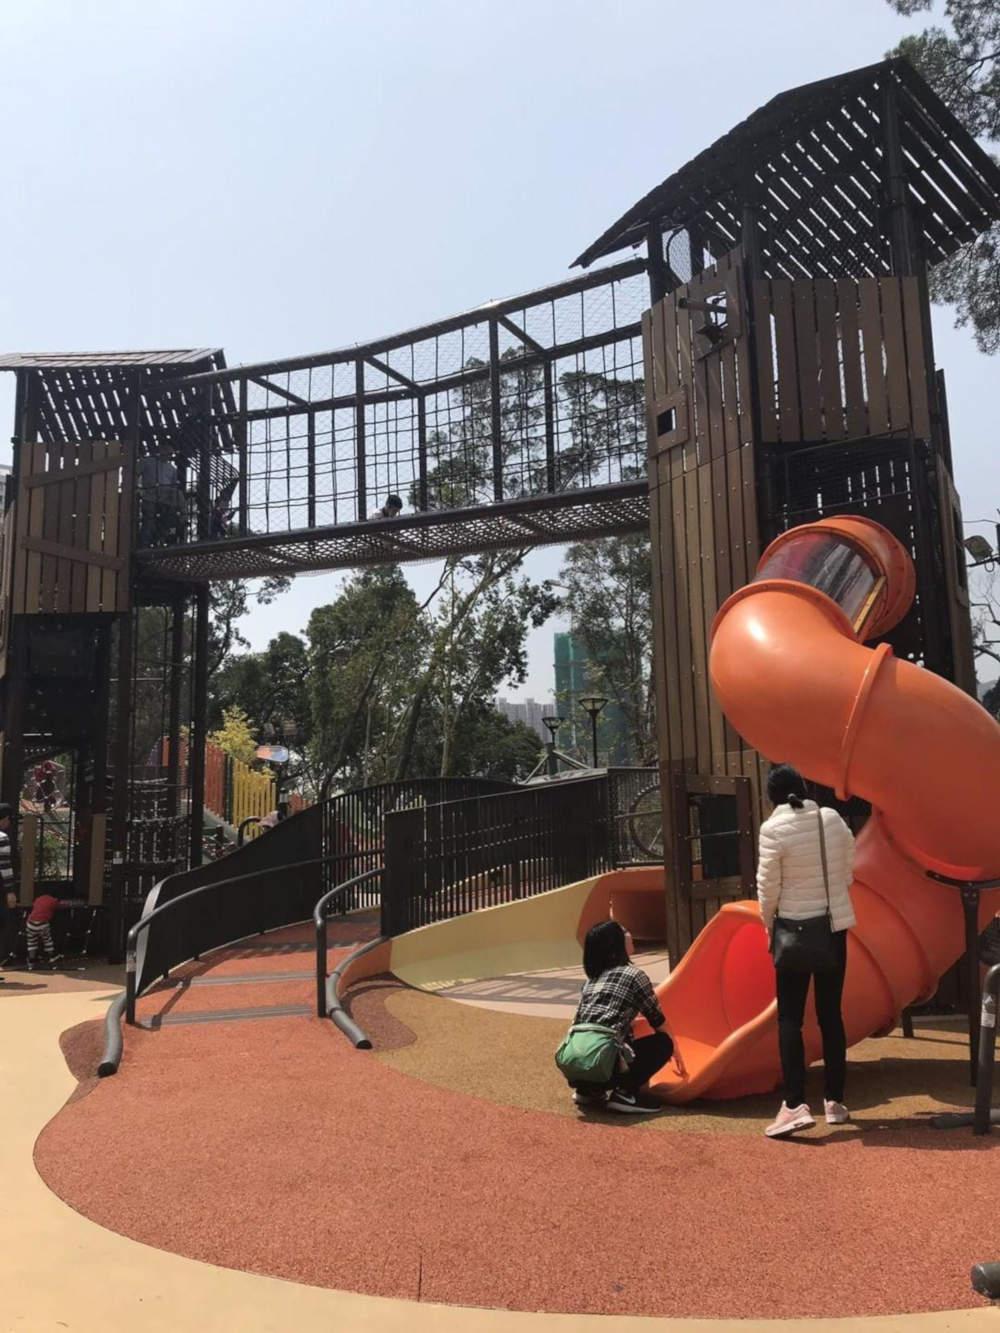 Tuen Mun Park's playground structure